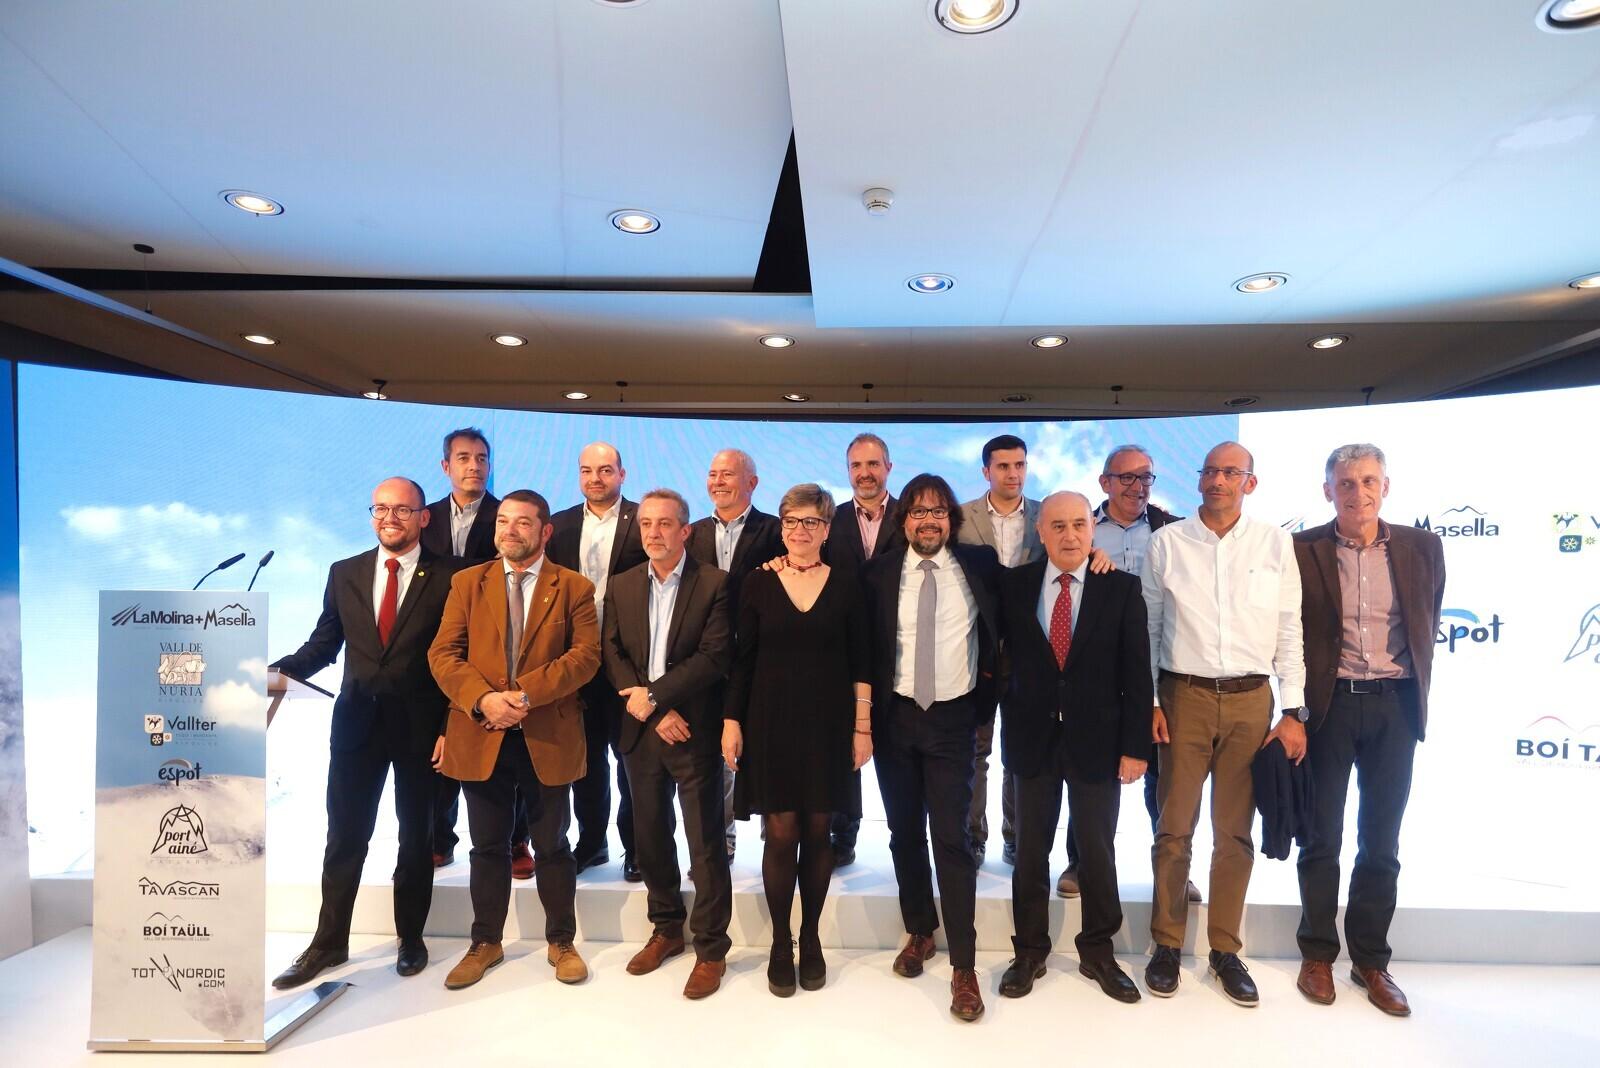 Ricard Font i la resta d'assistents a la presentació de la nova temporada d'esquí a Catalunya